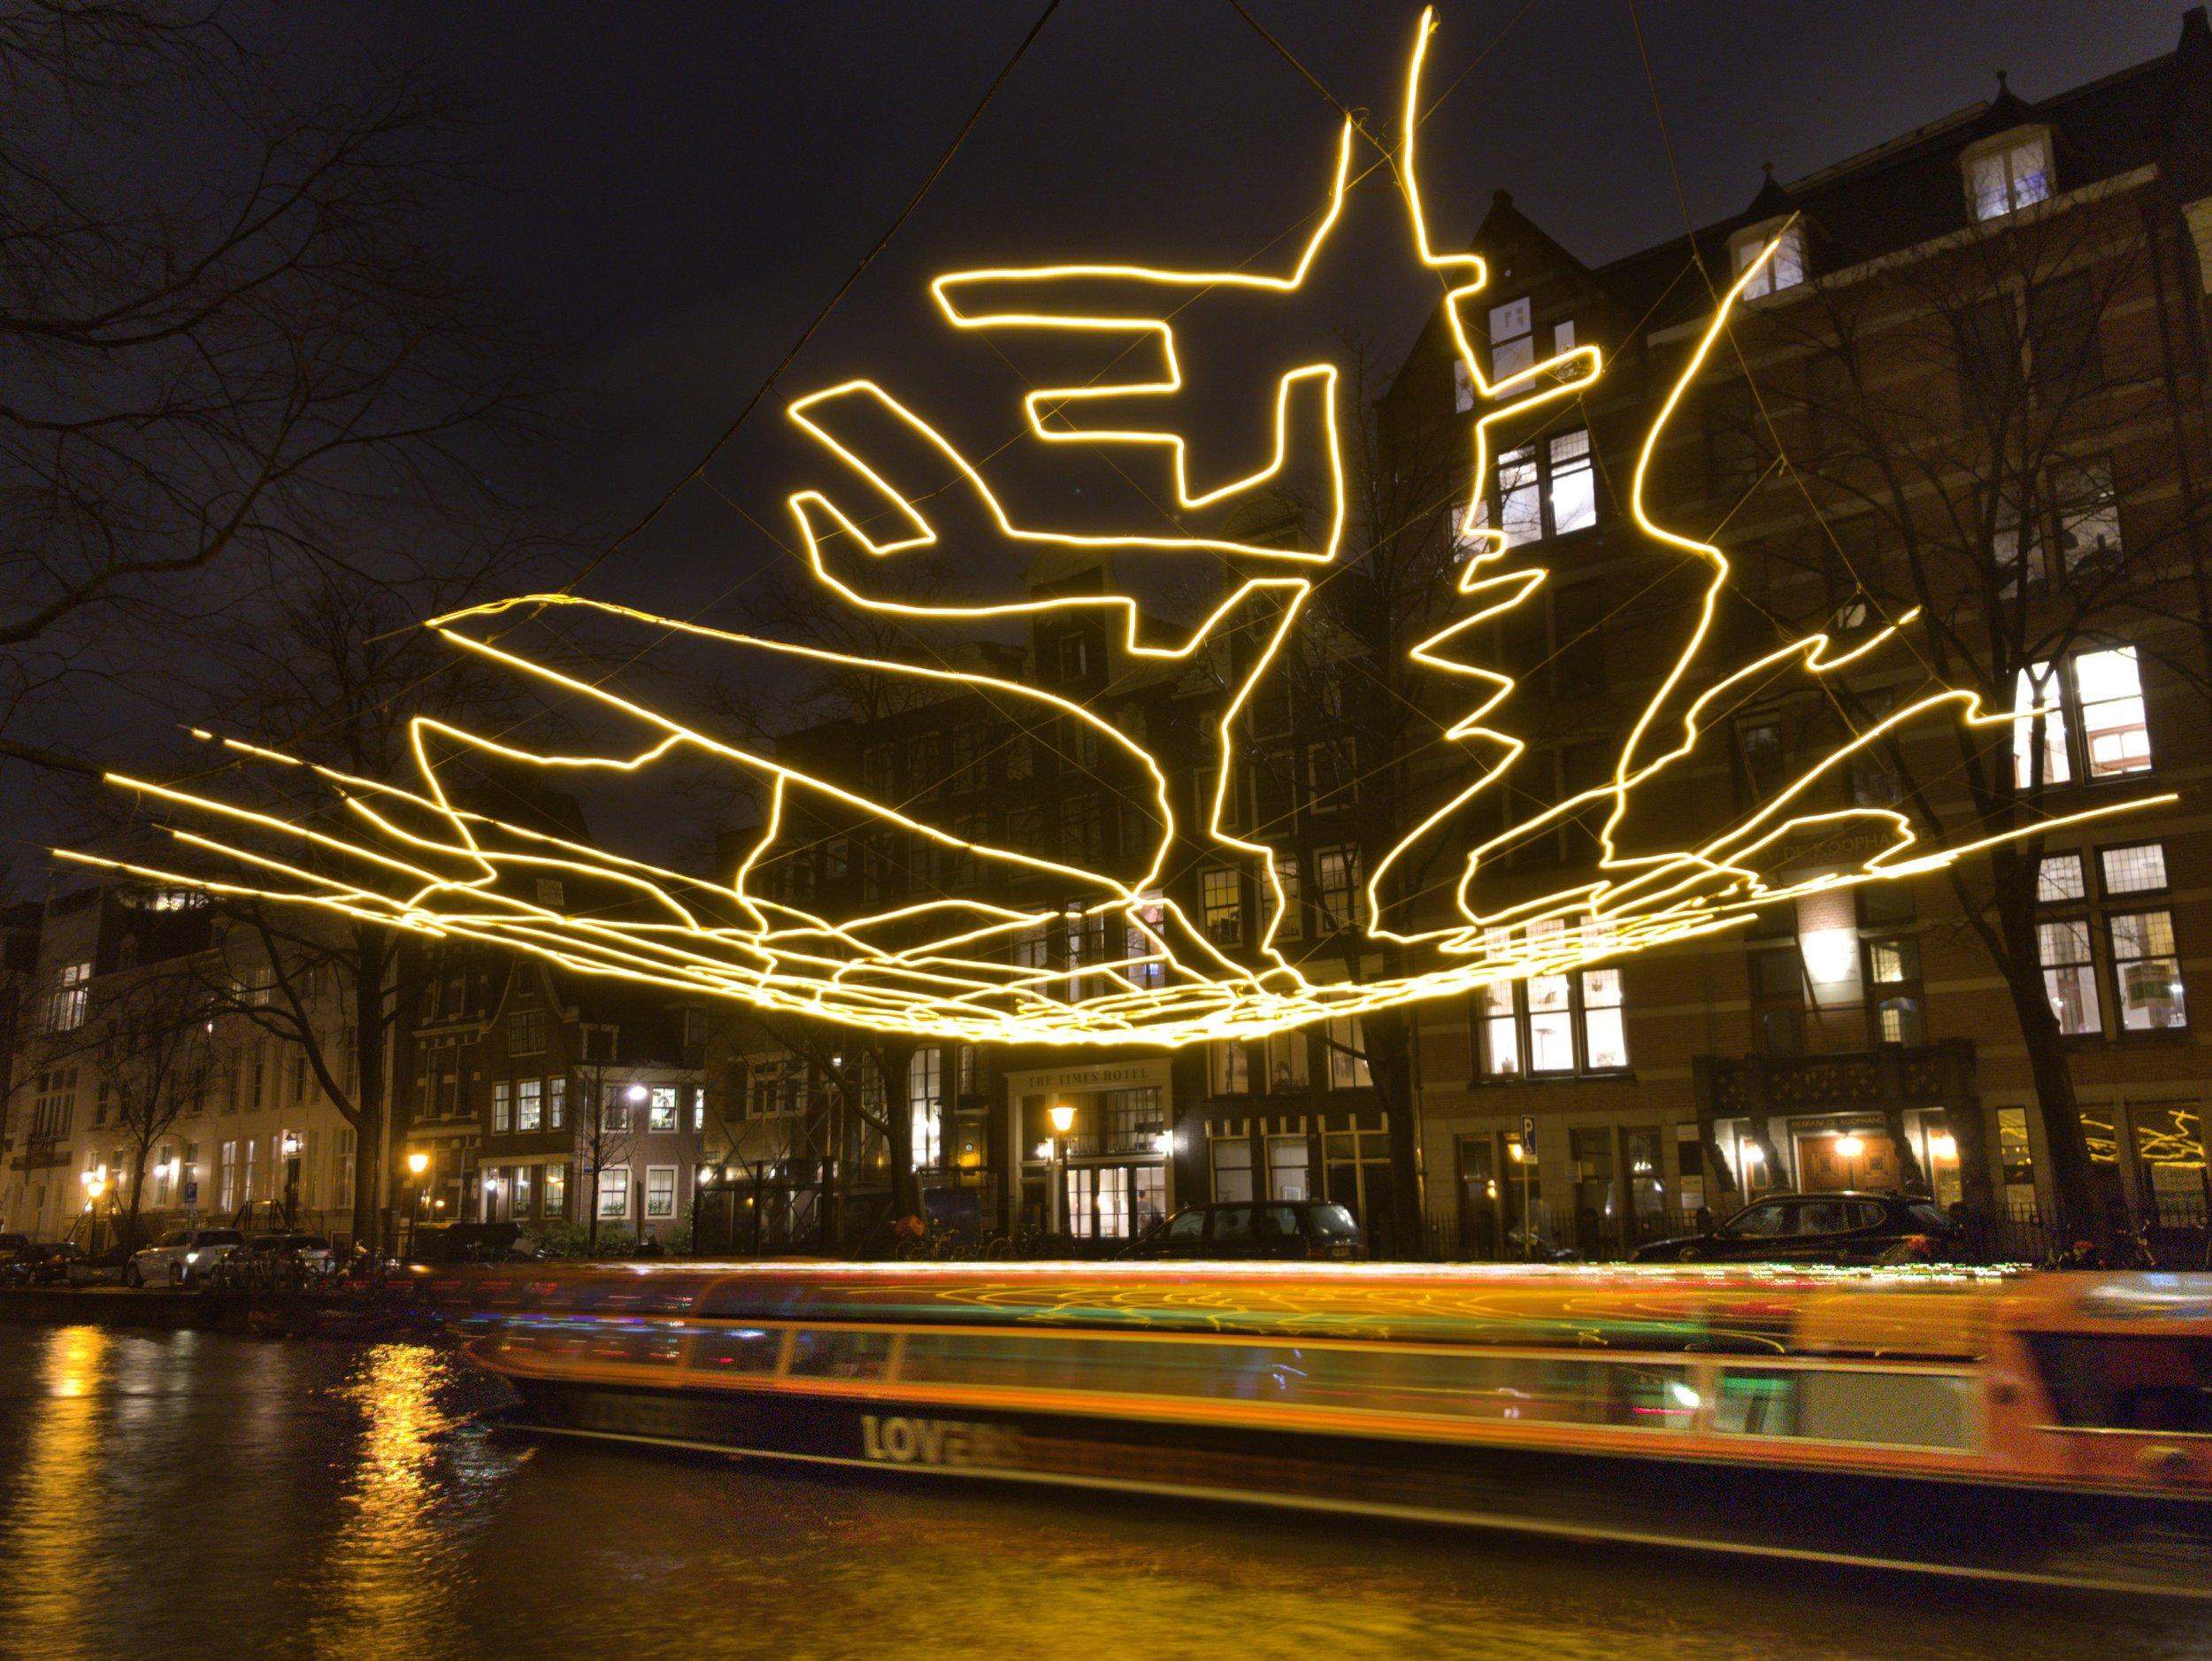 Amsterdam Light Festival 2018 - 2.jpg